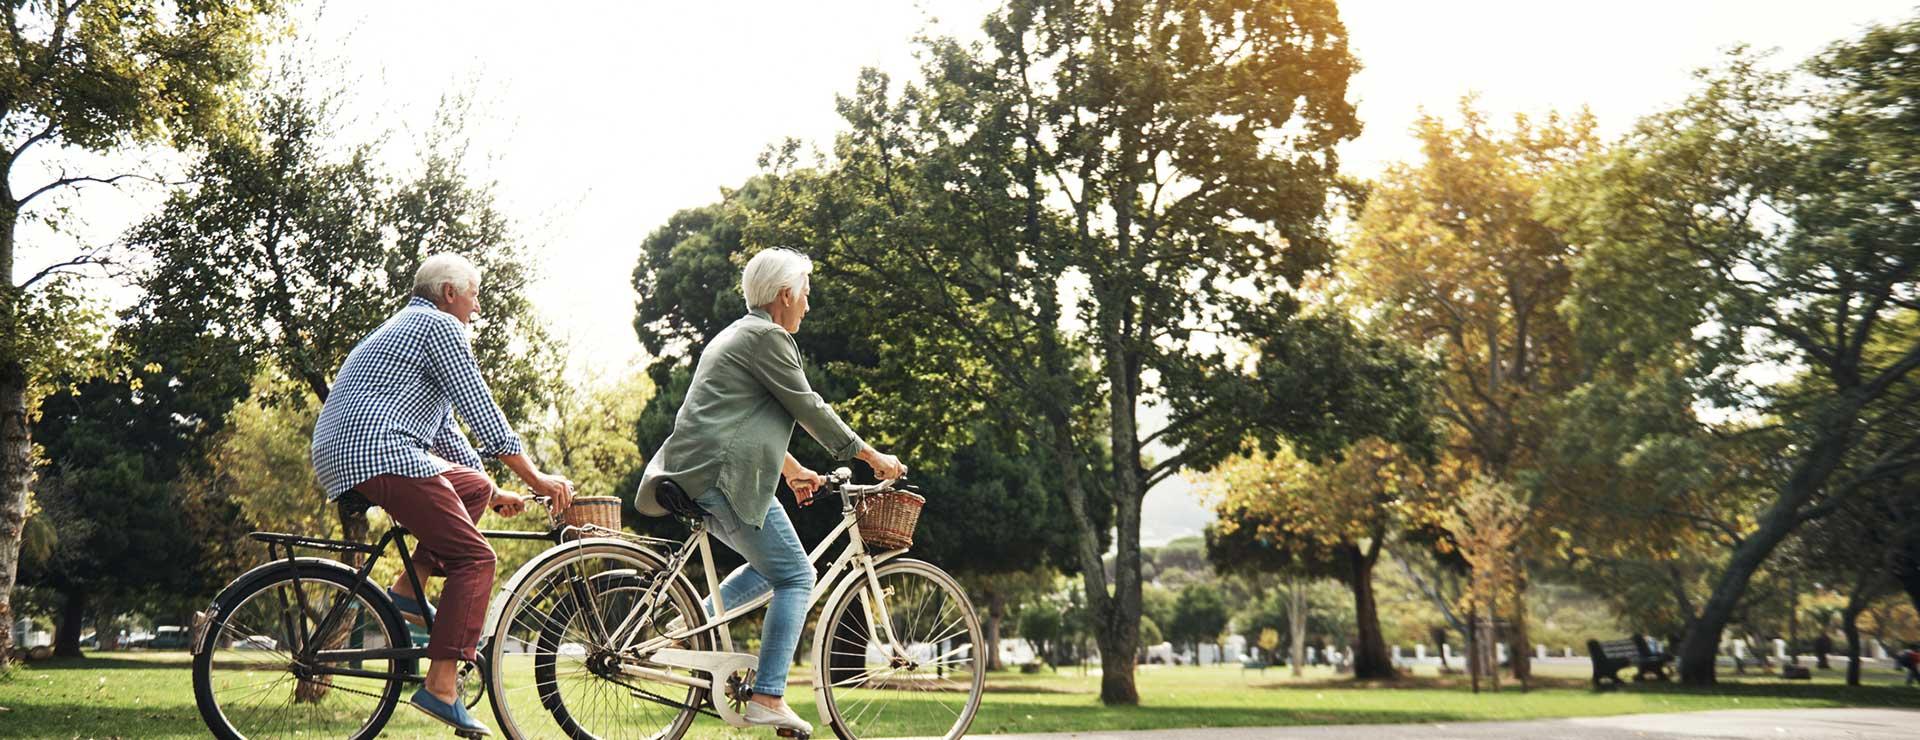 Age-Defying Energy Levels